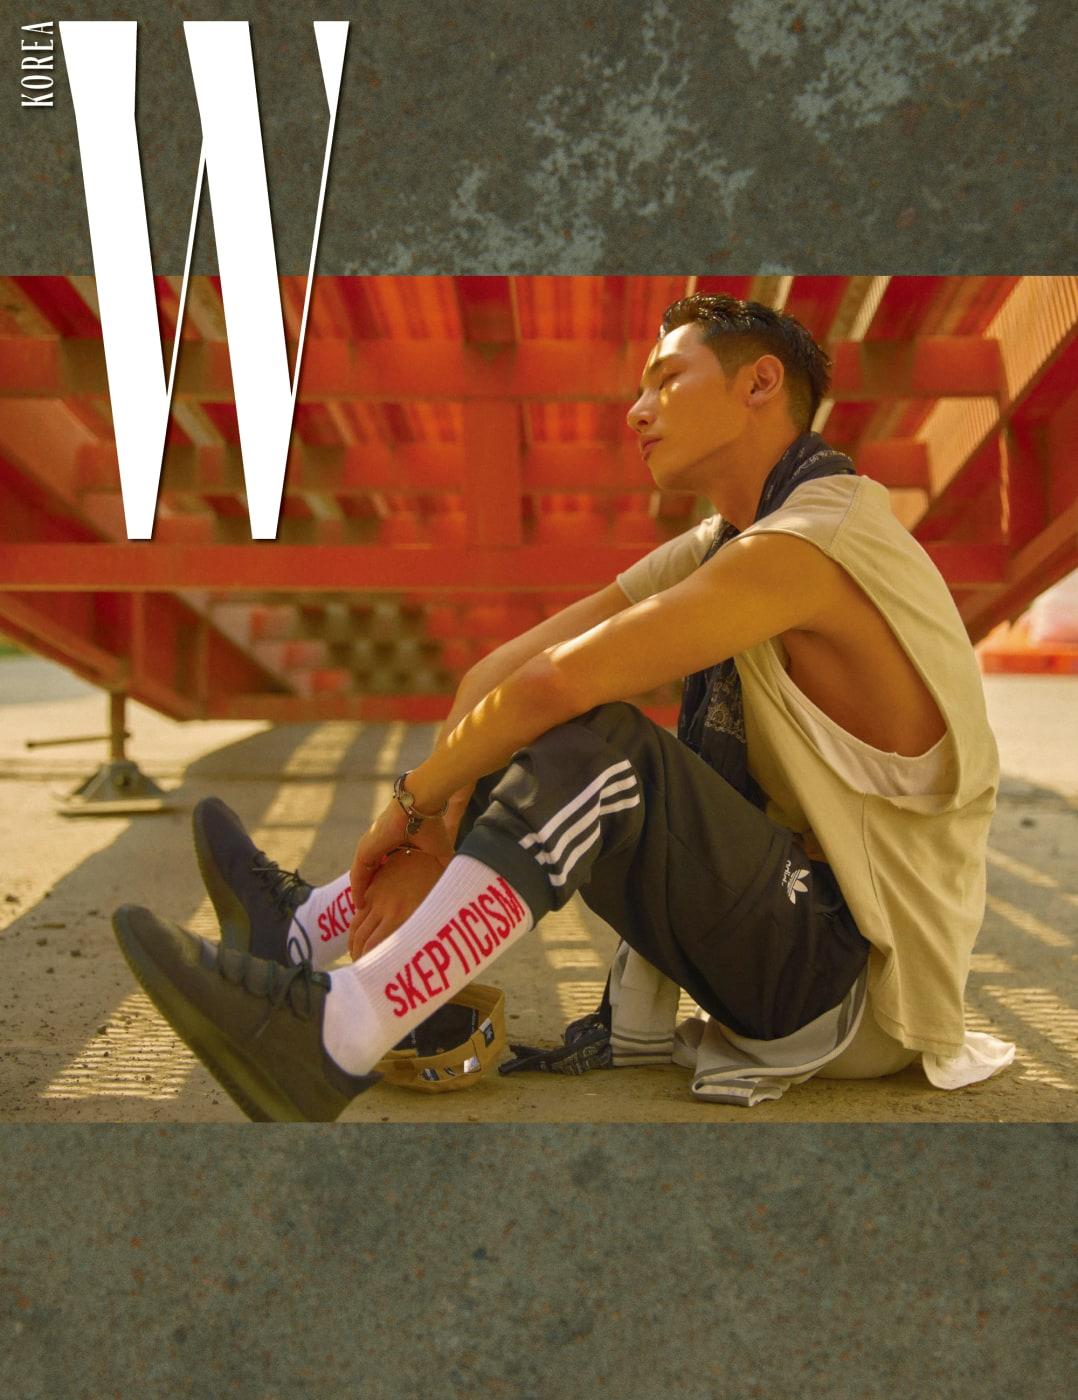 트랙 팬츠, 양말, 튜블라 스니커즈는 모두 adidas originals 제품.